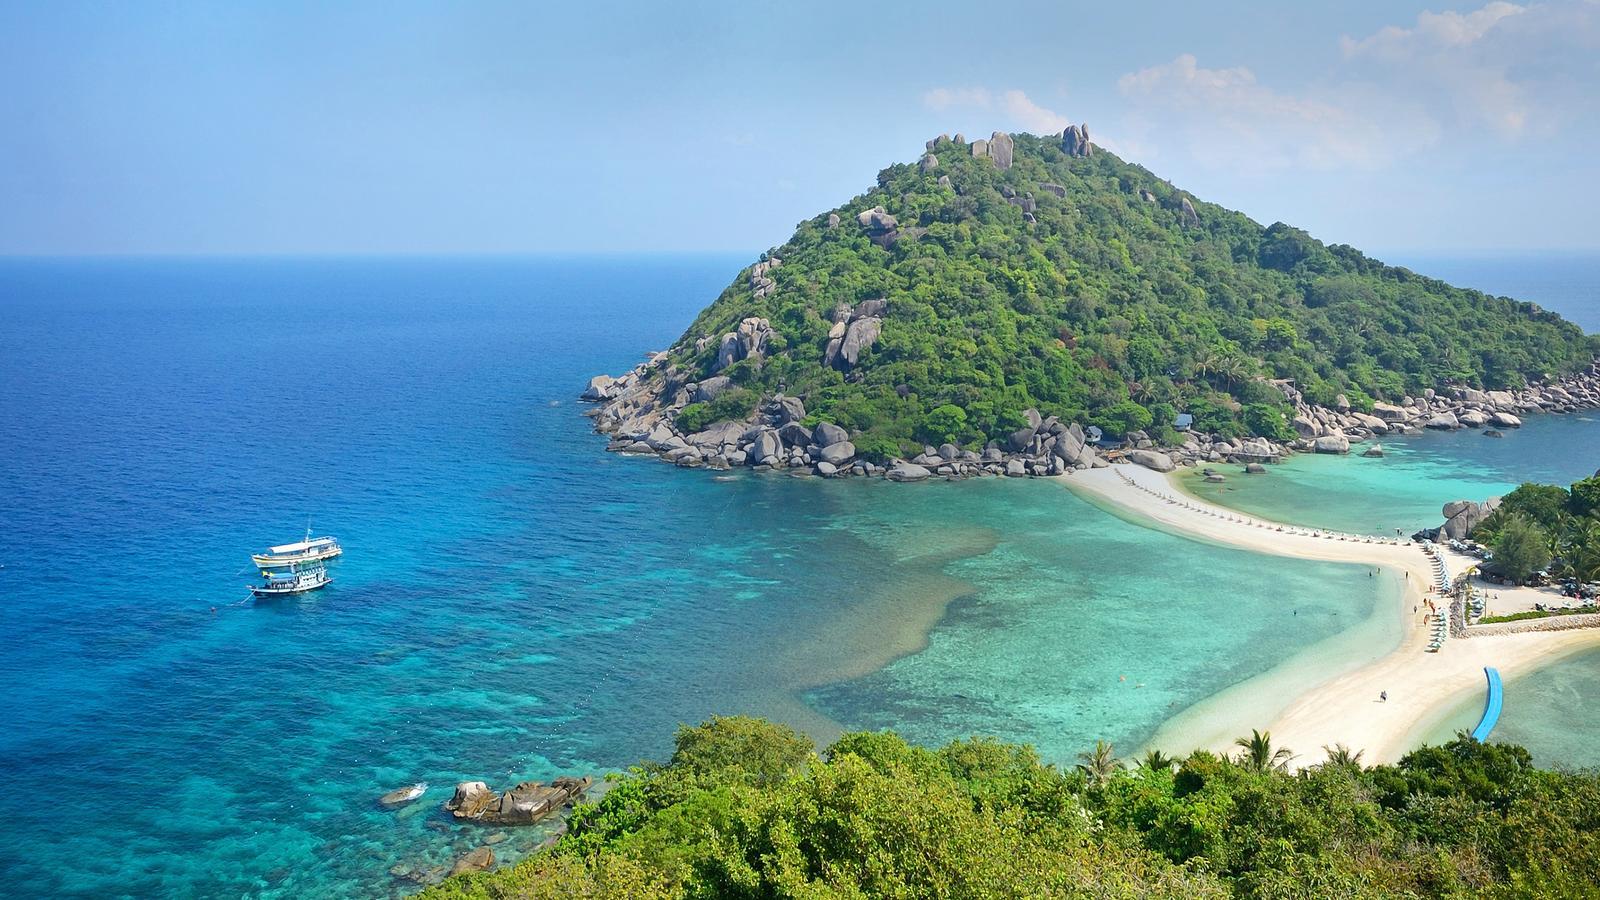 Koh Tao Thailand Reisen für unge Leute preiswert in der Gruppe traveljunkies